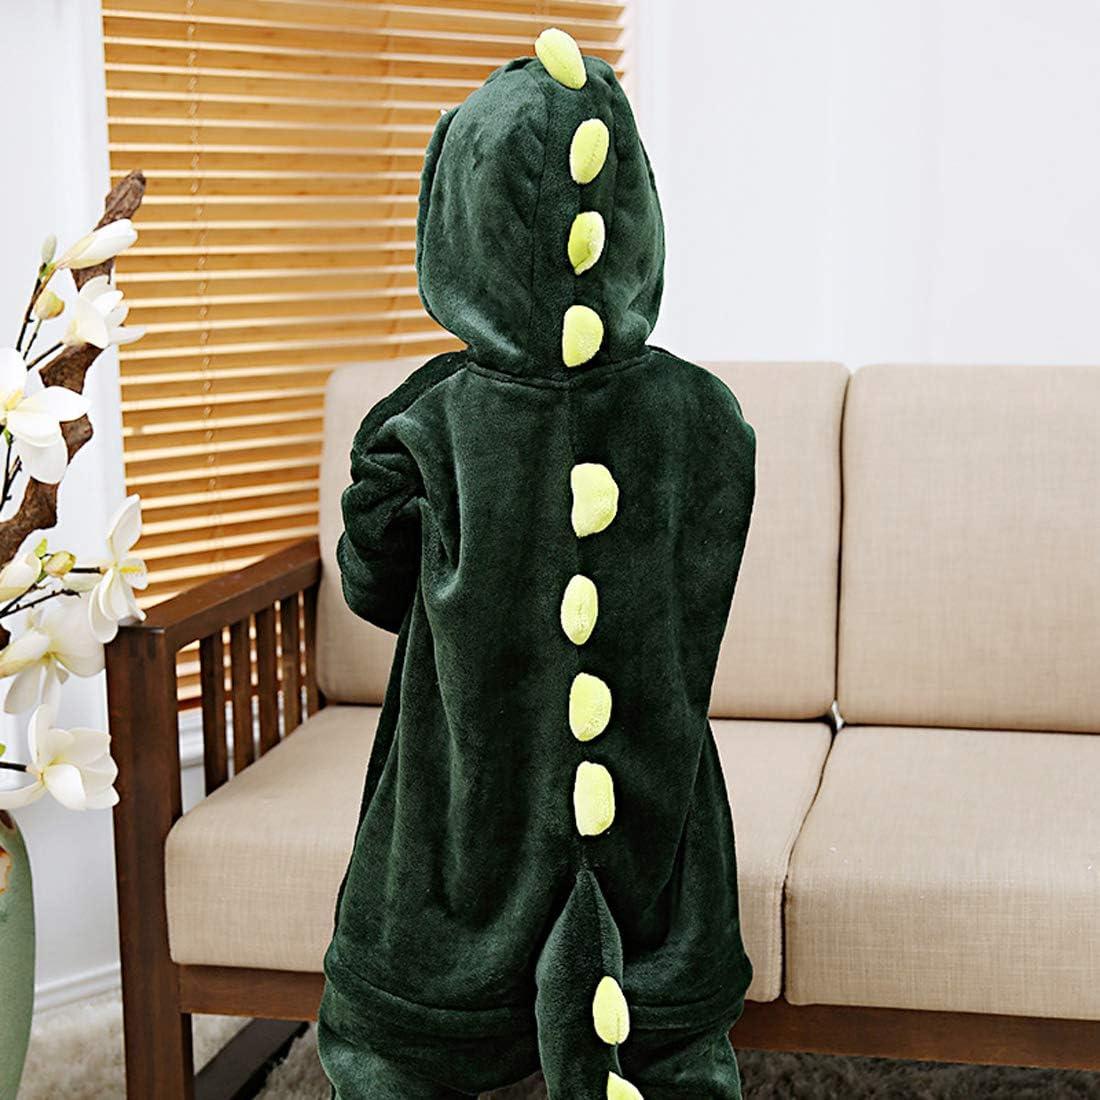 Irypulse Kinder Schlafanzug Flanell Onesie Pyjamas Kinder Cosplay Kost/üme Jungen M/ädchen Tier Outfit